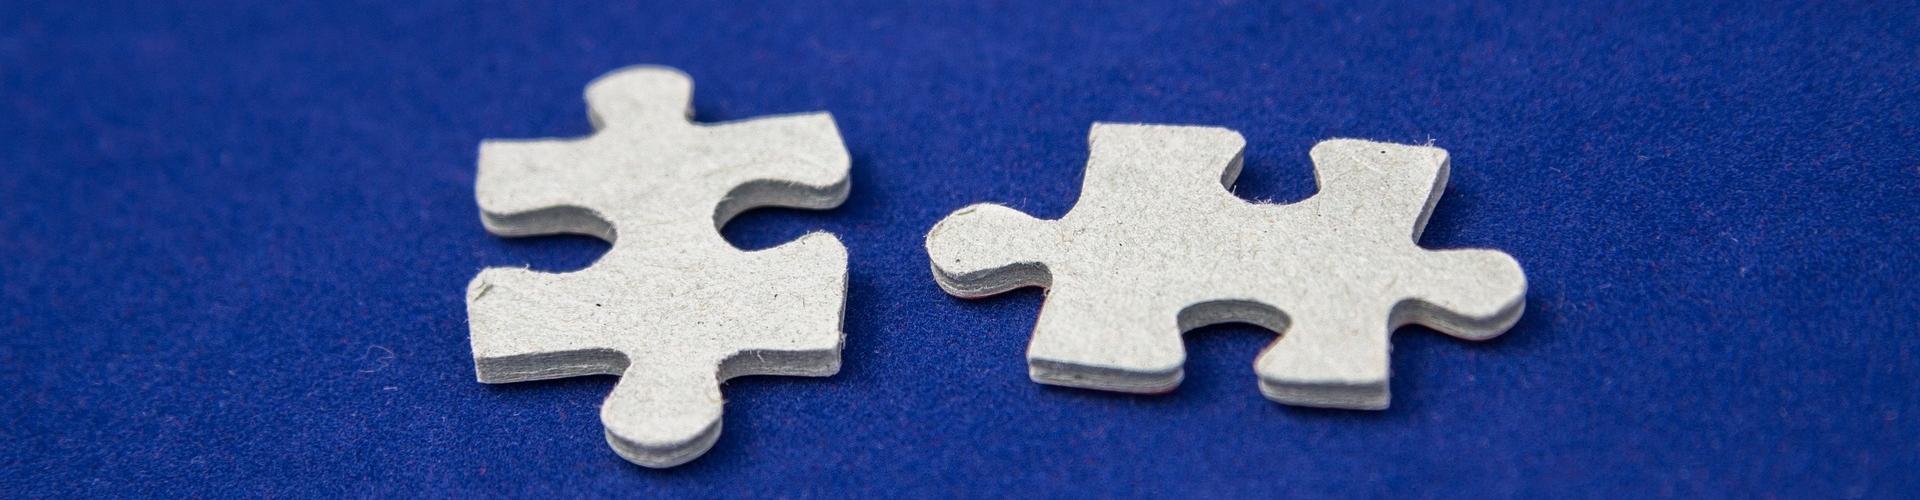 puzzelstukjes foto Pixabay